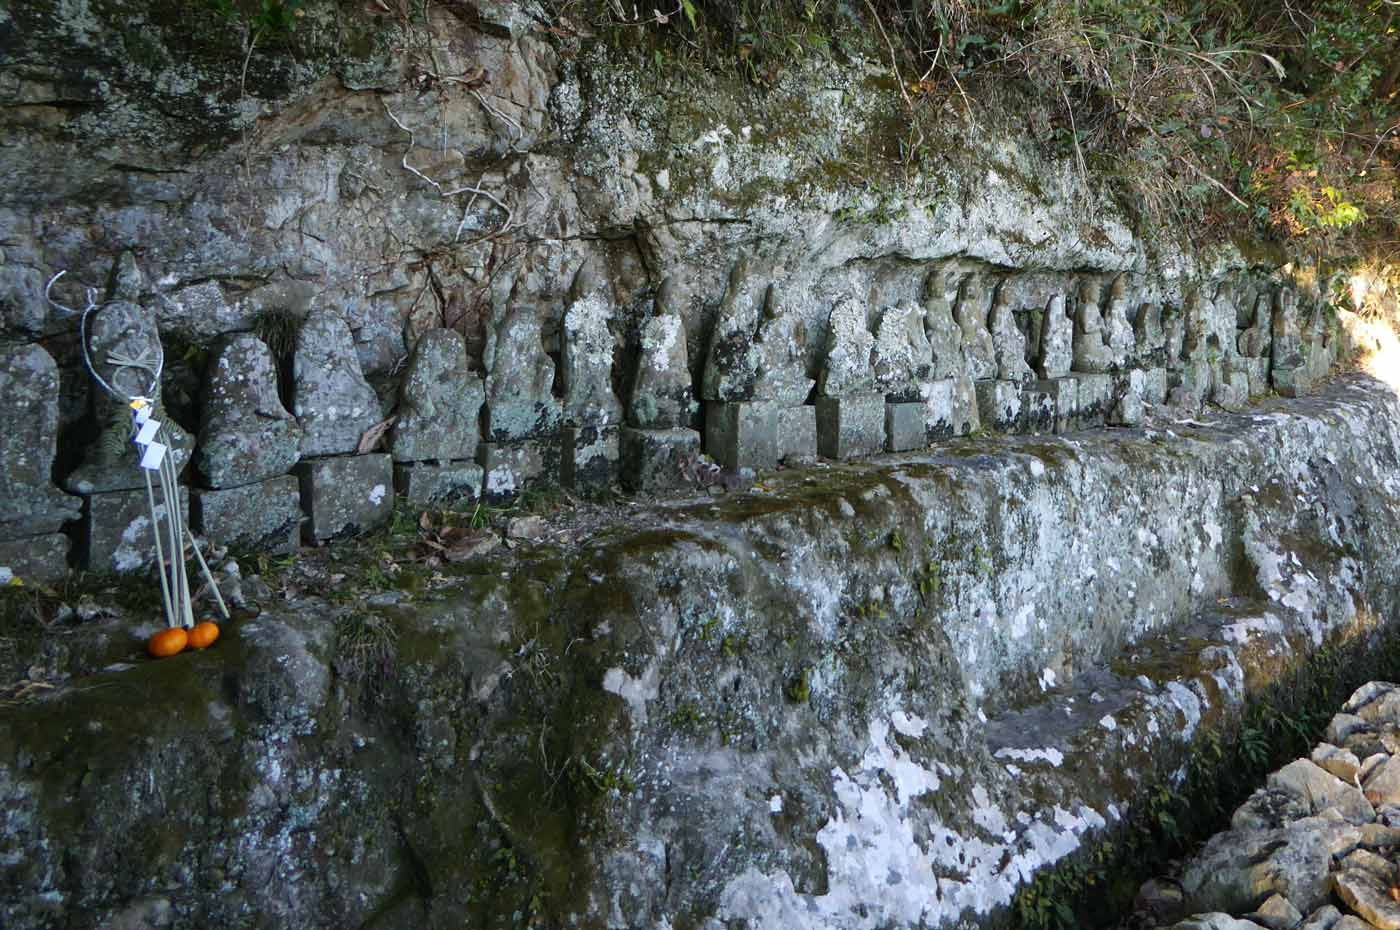 岩屋山波切不動尊の石仏の画像